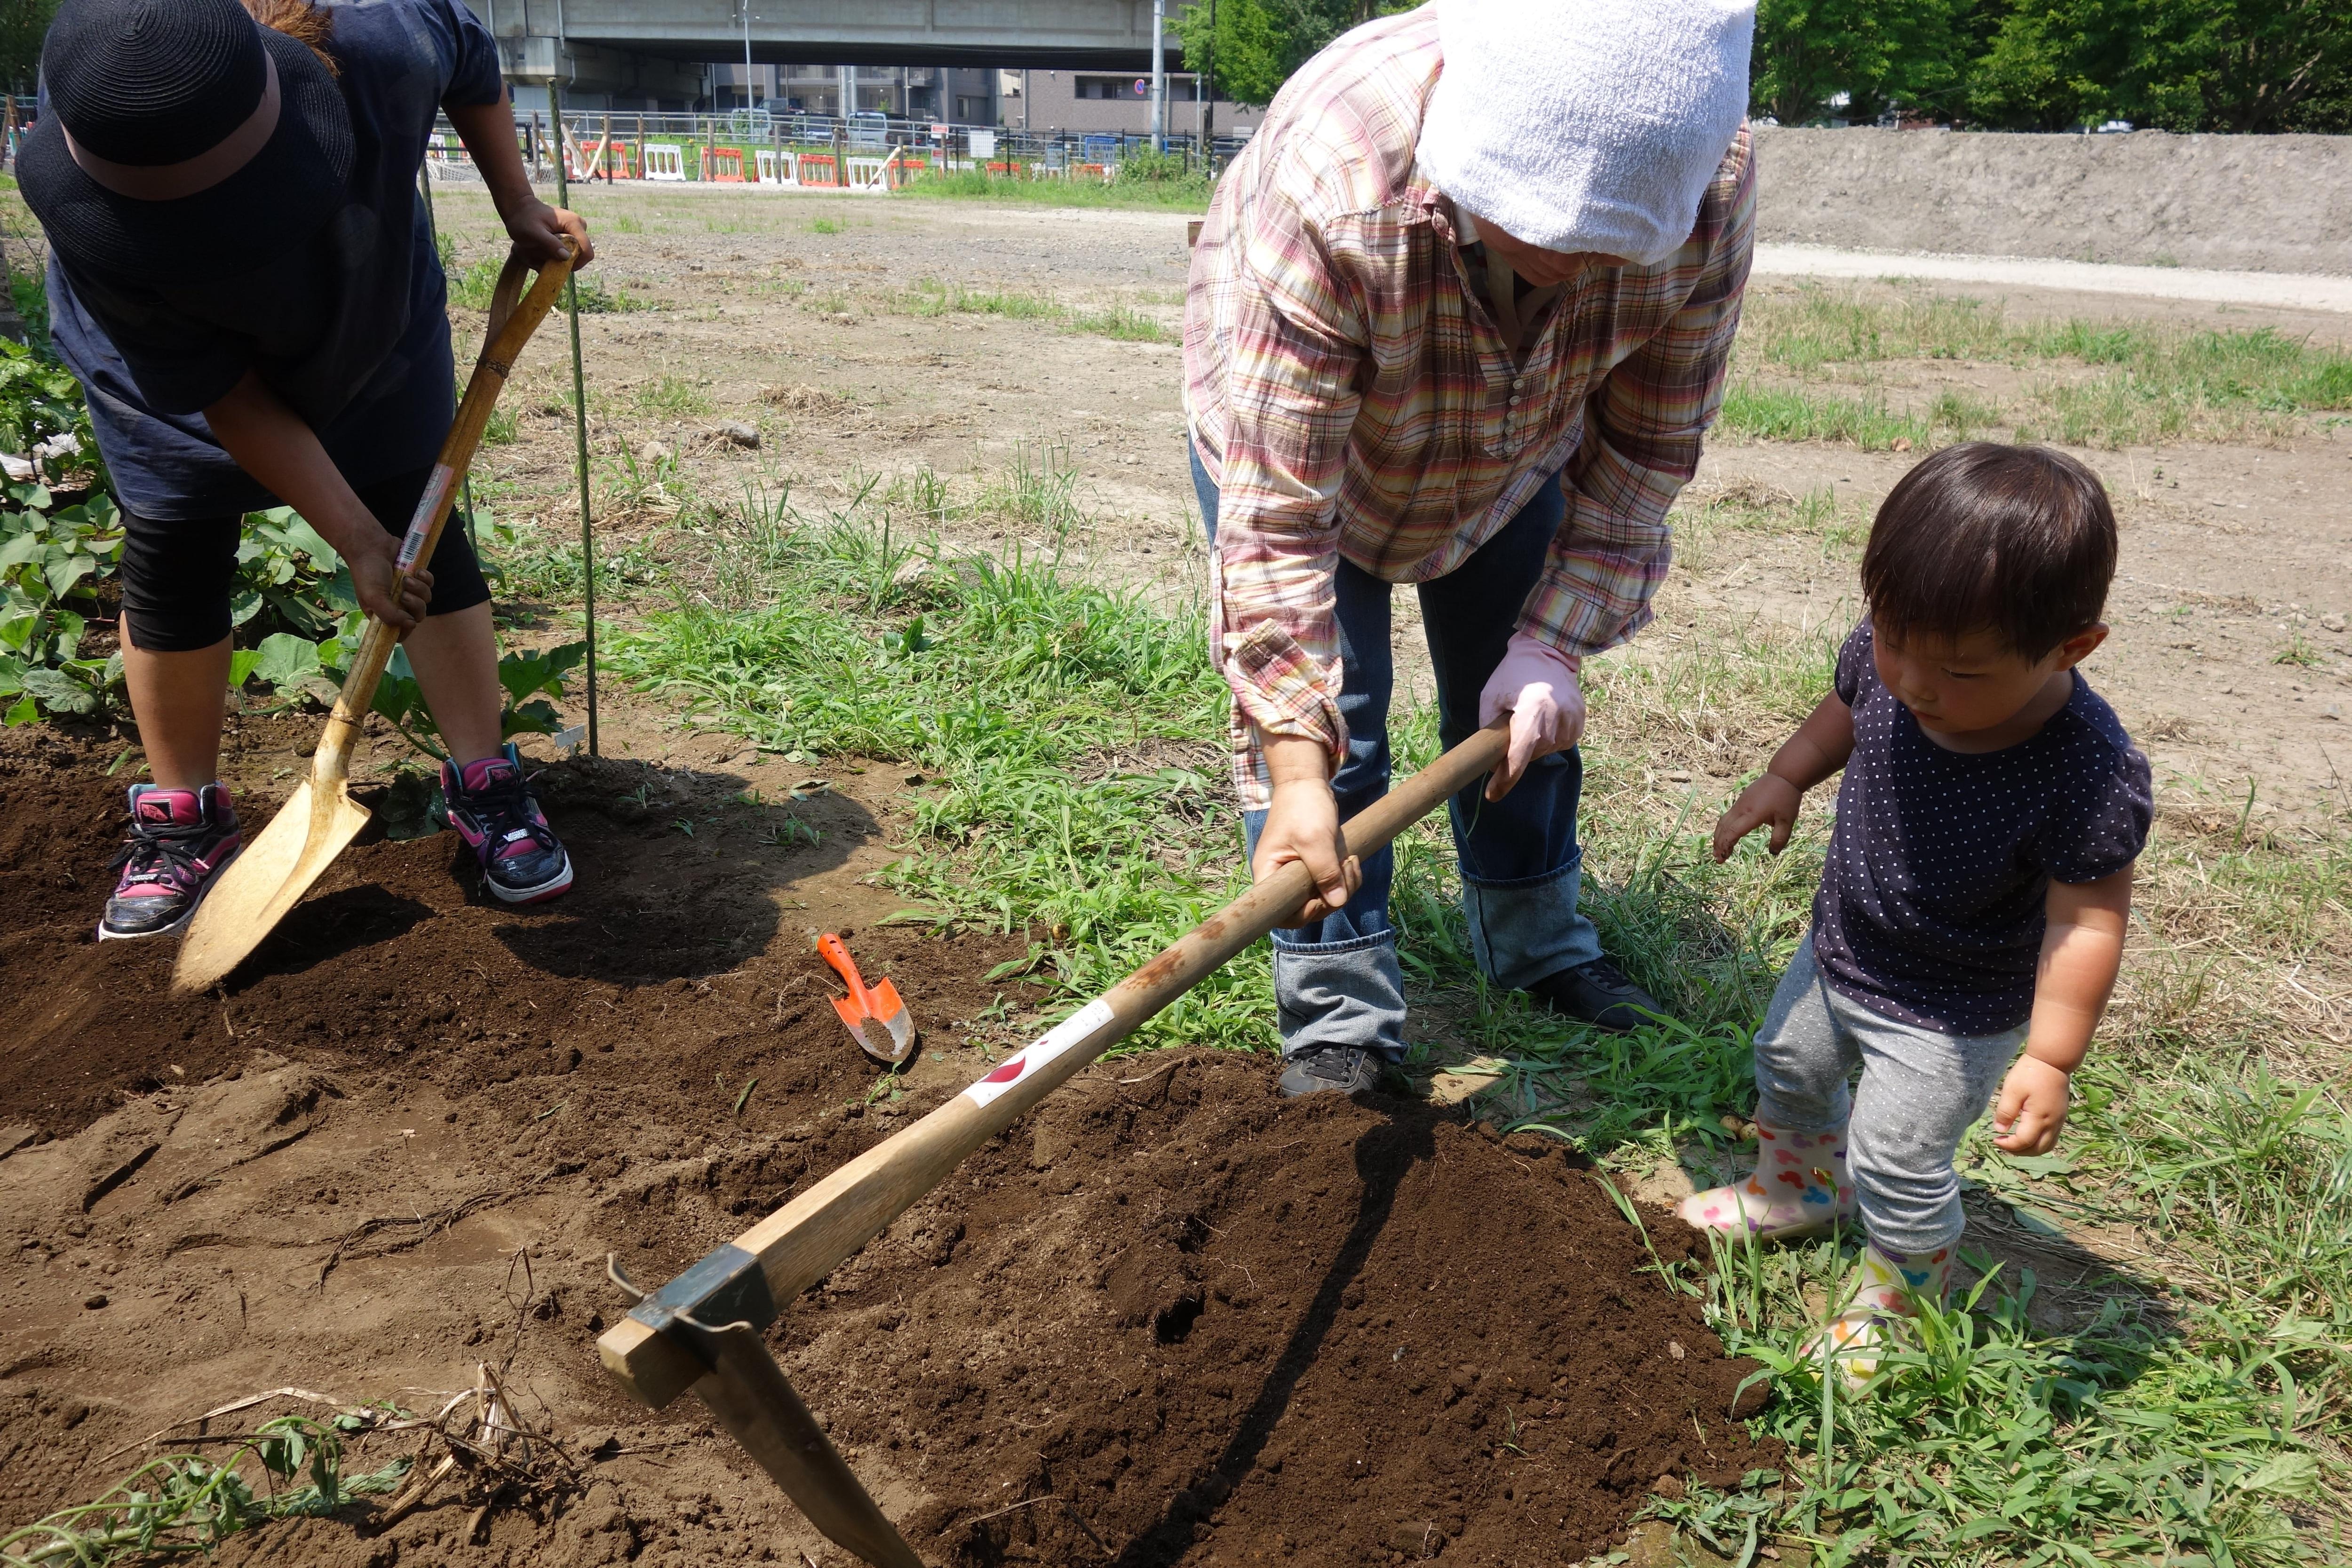 [さいたま市・農業体験]【単発】無農薬のさつまいもの植え付けと焼き芋を食べ比べる会のイメージその2